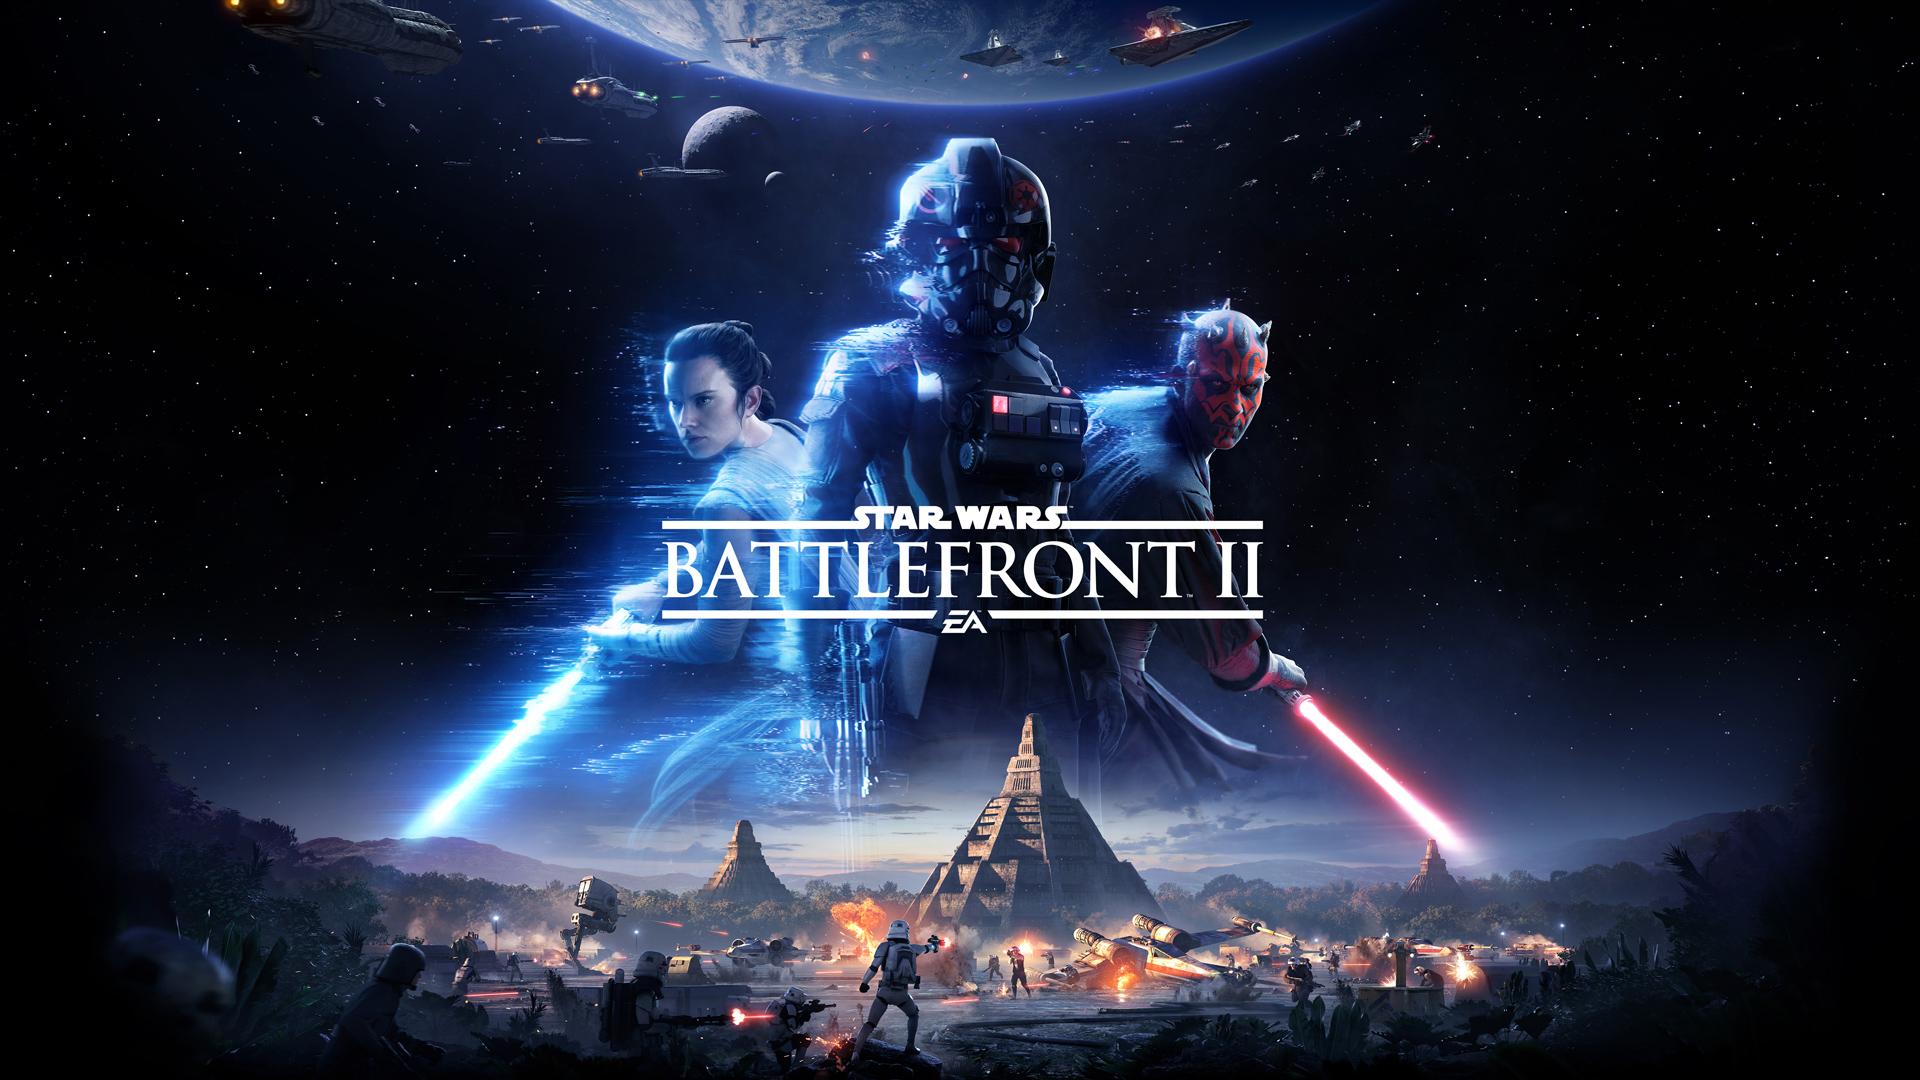 گزارش: Star Wars Battlefront II دارای ۱۶ قهرمان اصلی خواهد بود